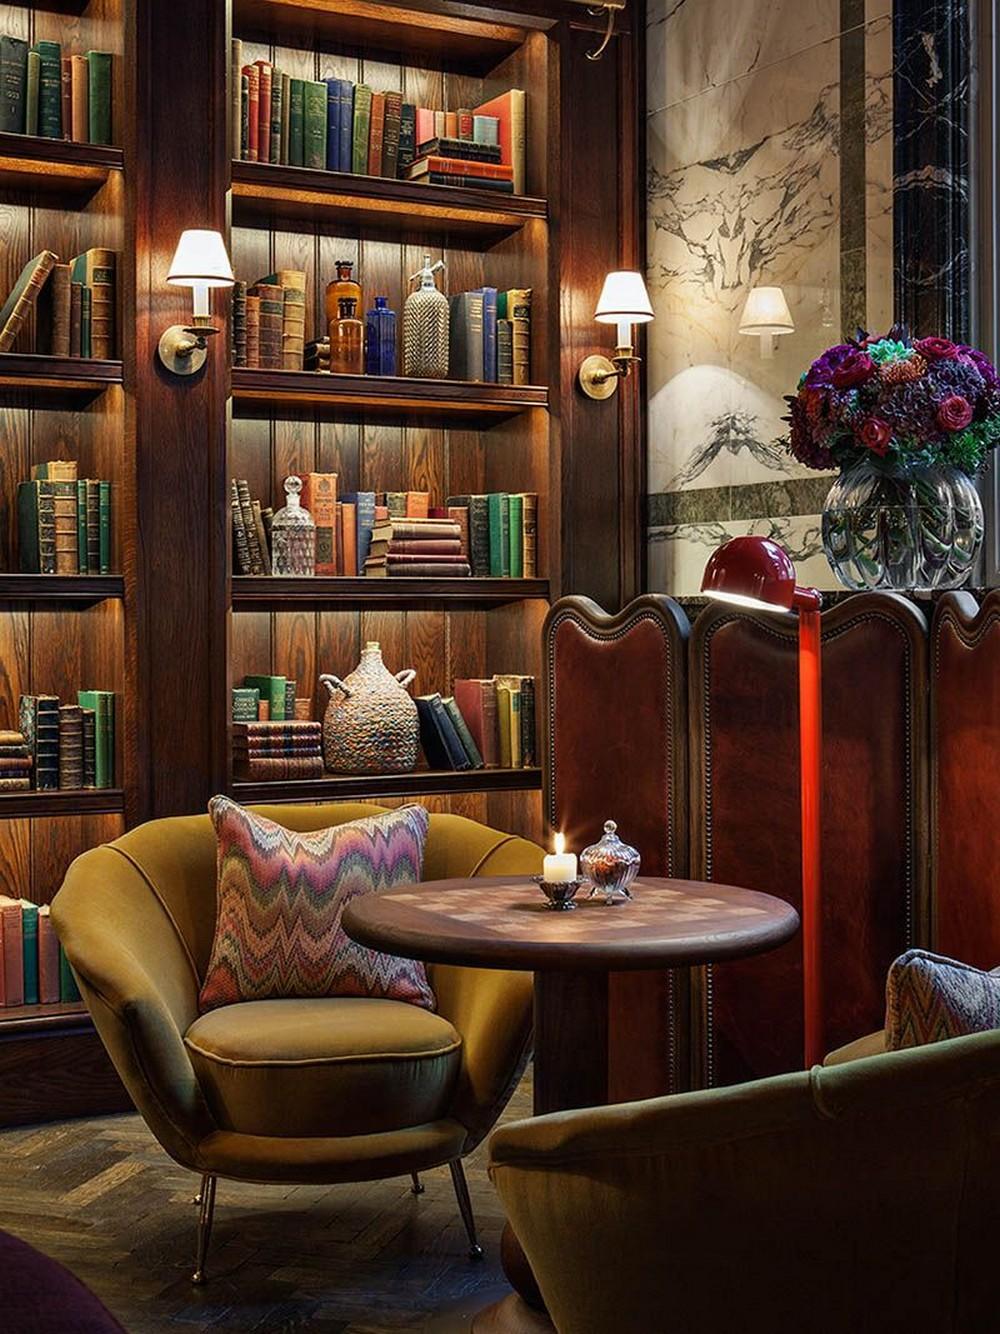 Martin Brudnizki: When The Details Make The Design martin brudnizki Martin Brudnizki: When The Details Make The Design 2 Pinterest 1